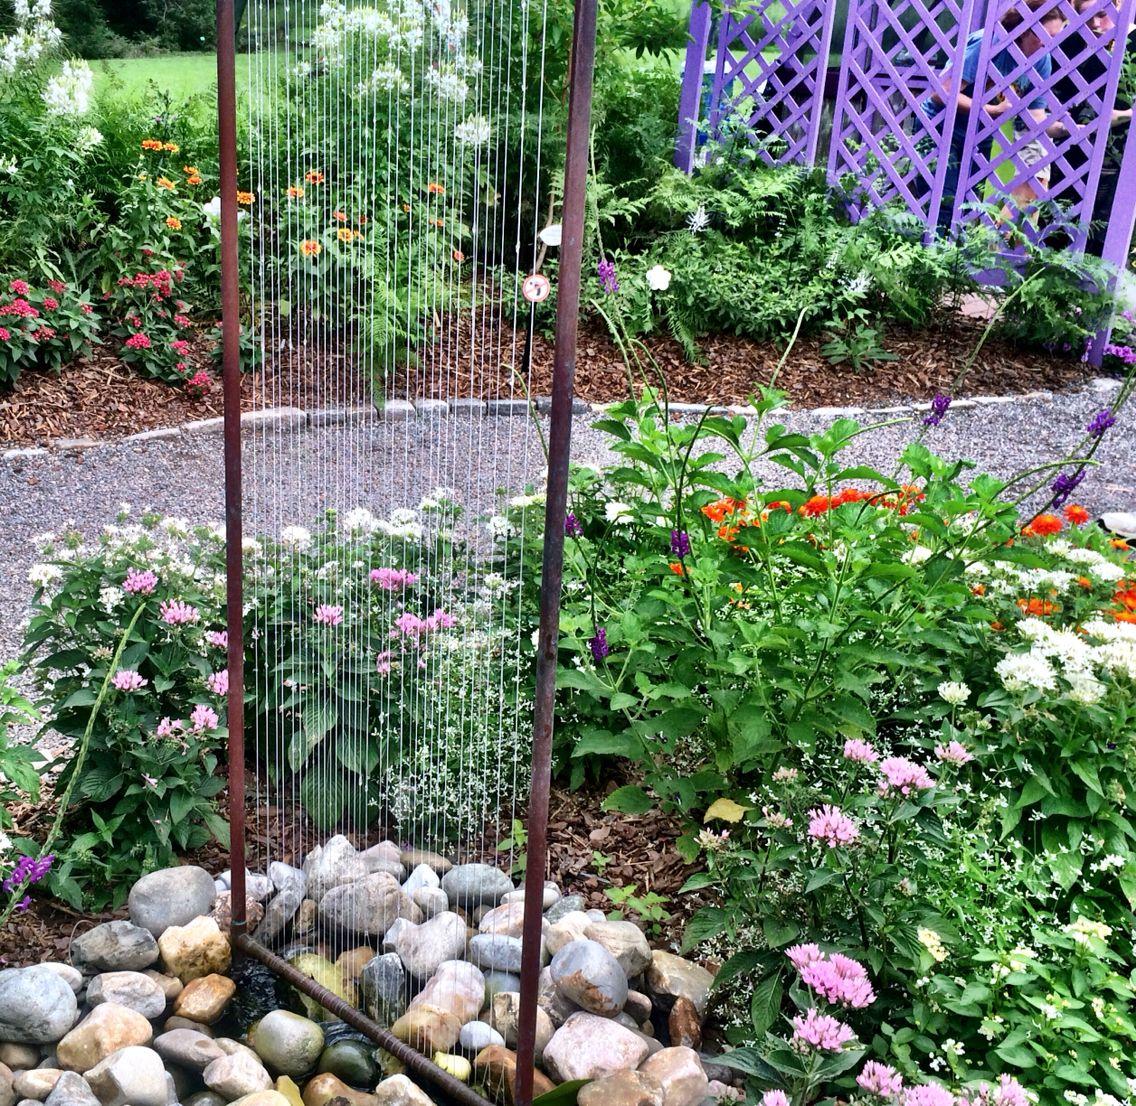 Park Art|My WordPress Blog_Jade Garden Virginia Beach Birchwood